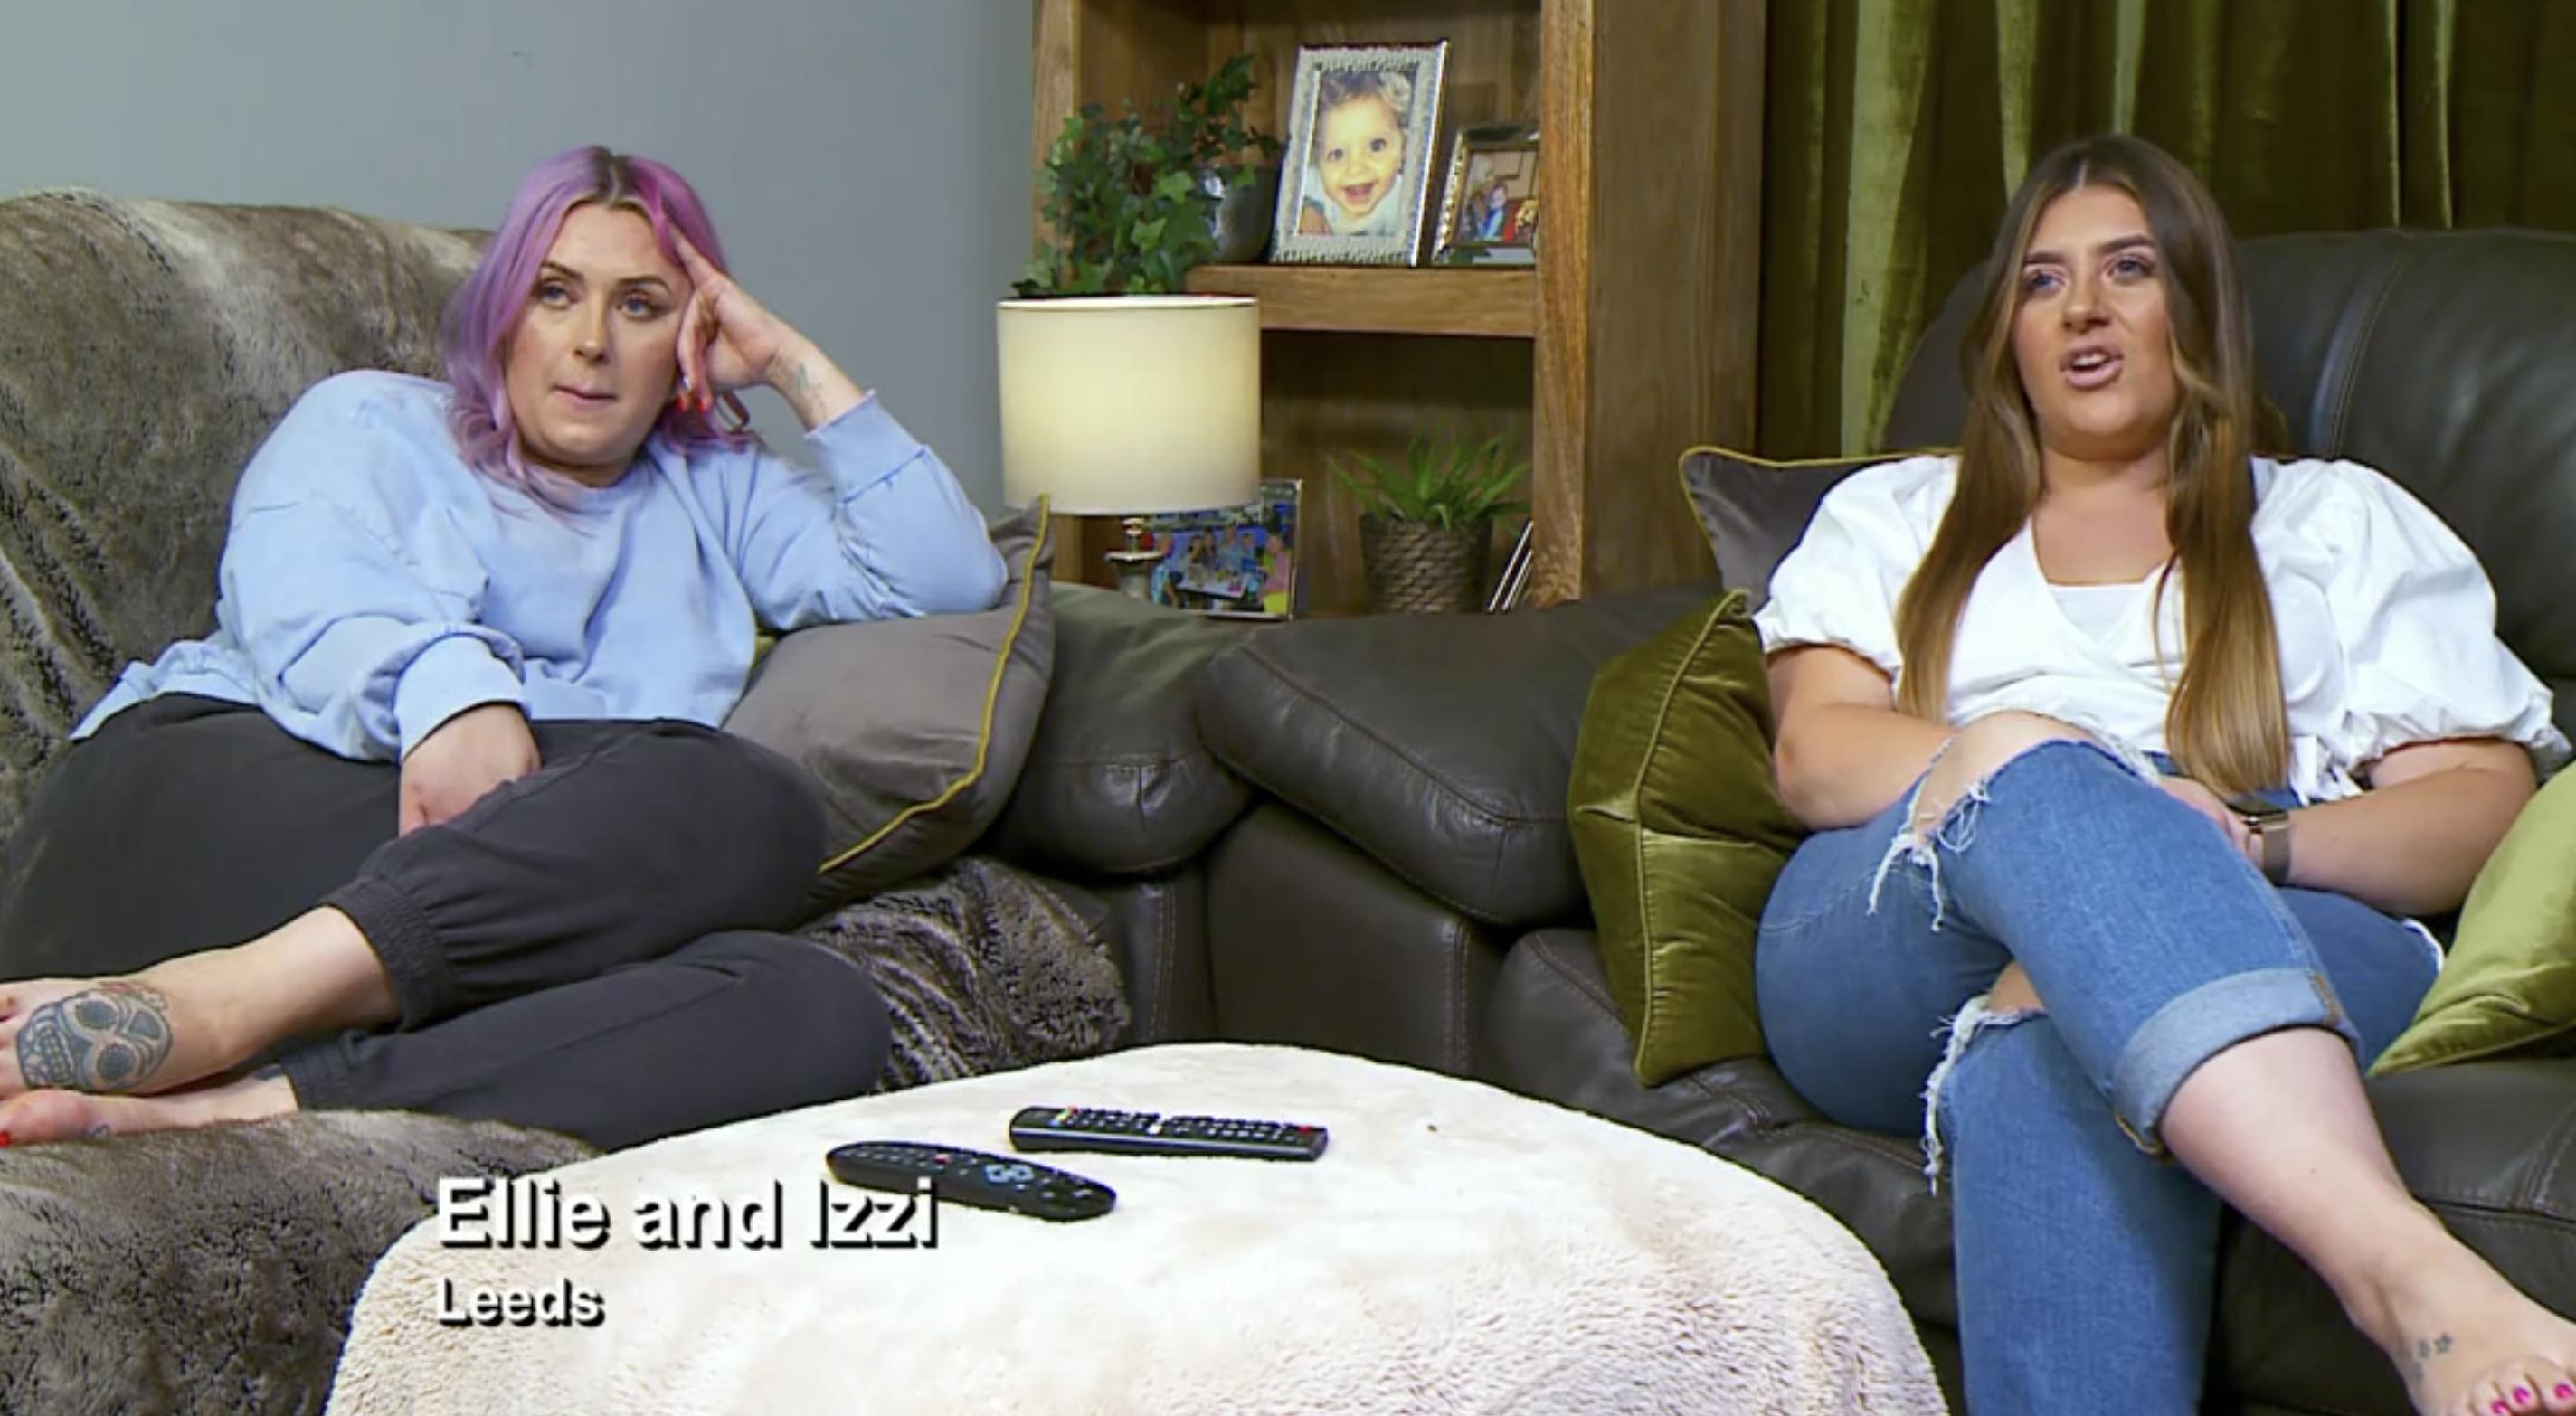 Ellie and Izzi